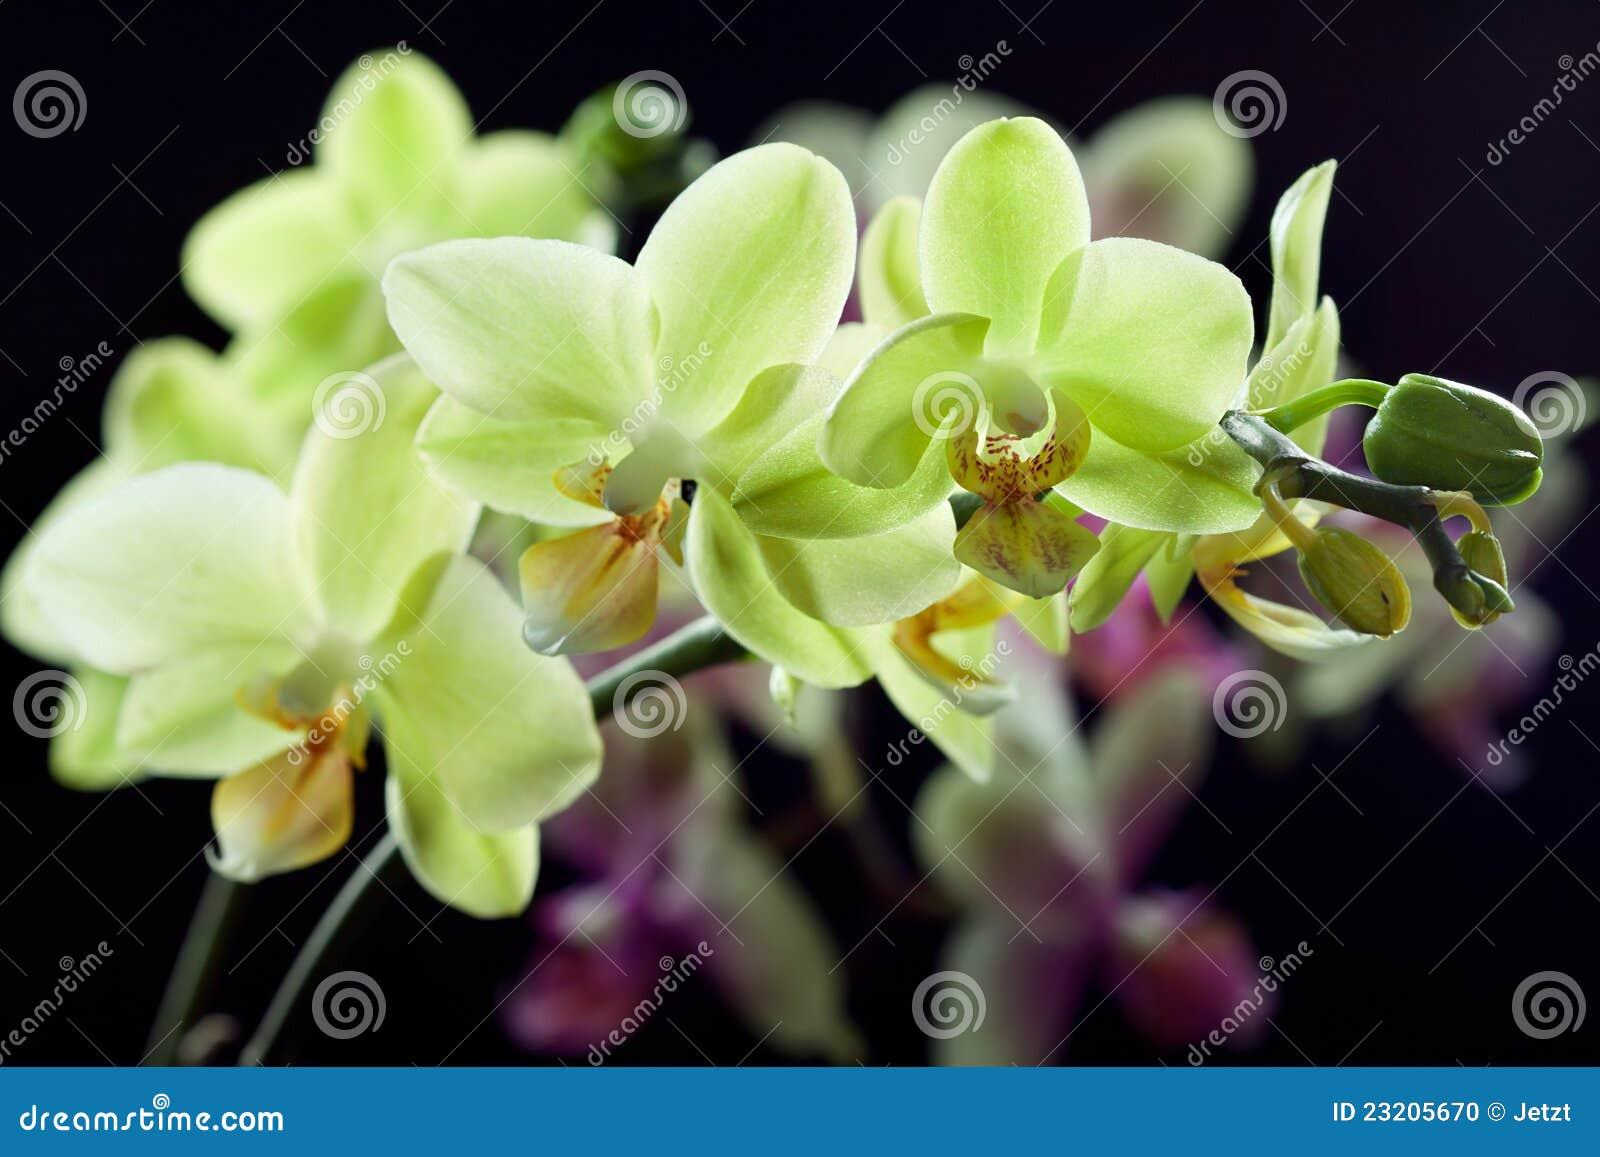 Orchidee gialle e viola sul nero fotografia stock for Orchidea foglie gialle